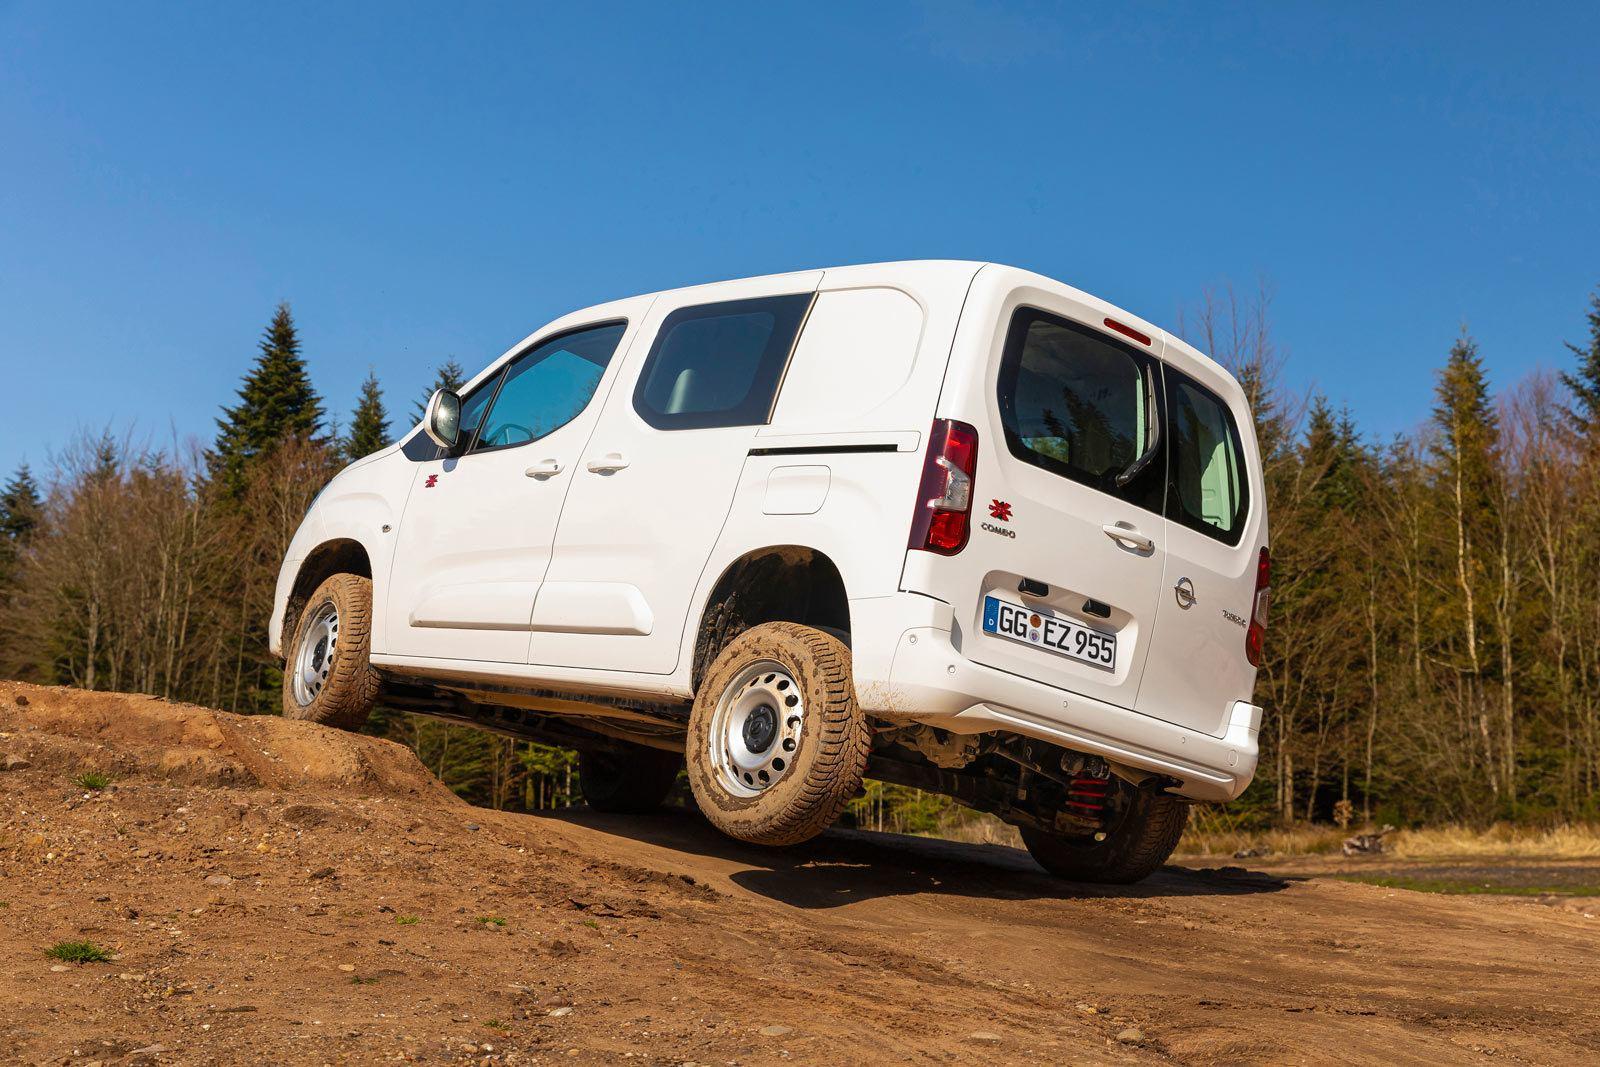 Opel Combo Cargo 4x4, koło tylne w powietrzu